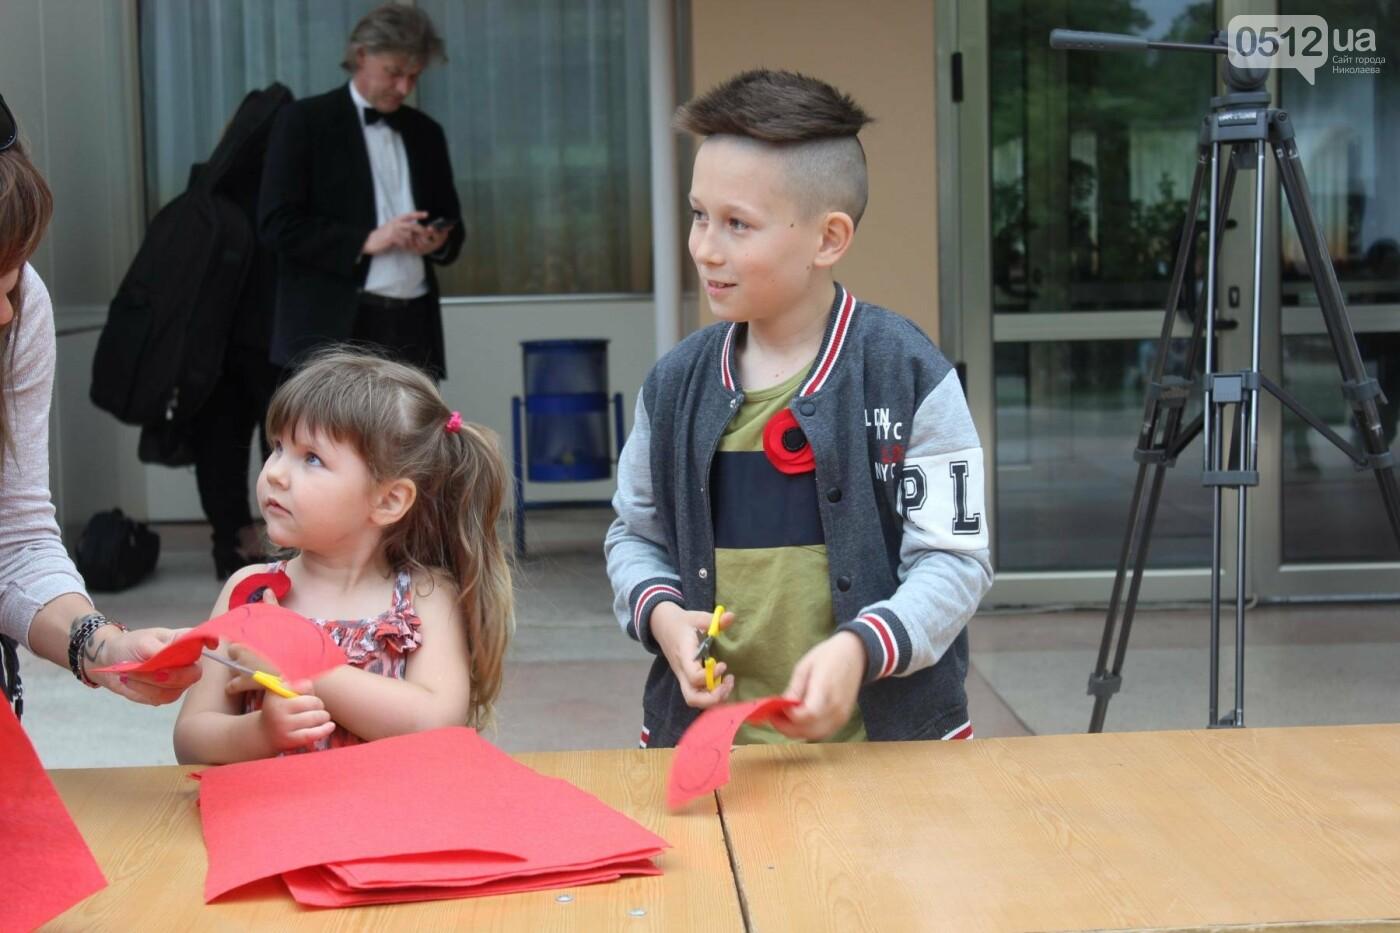 В Николаеве прошла акция по изготовлению маков, - ФОТО , фото-9